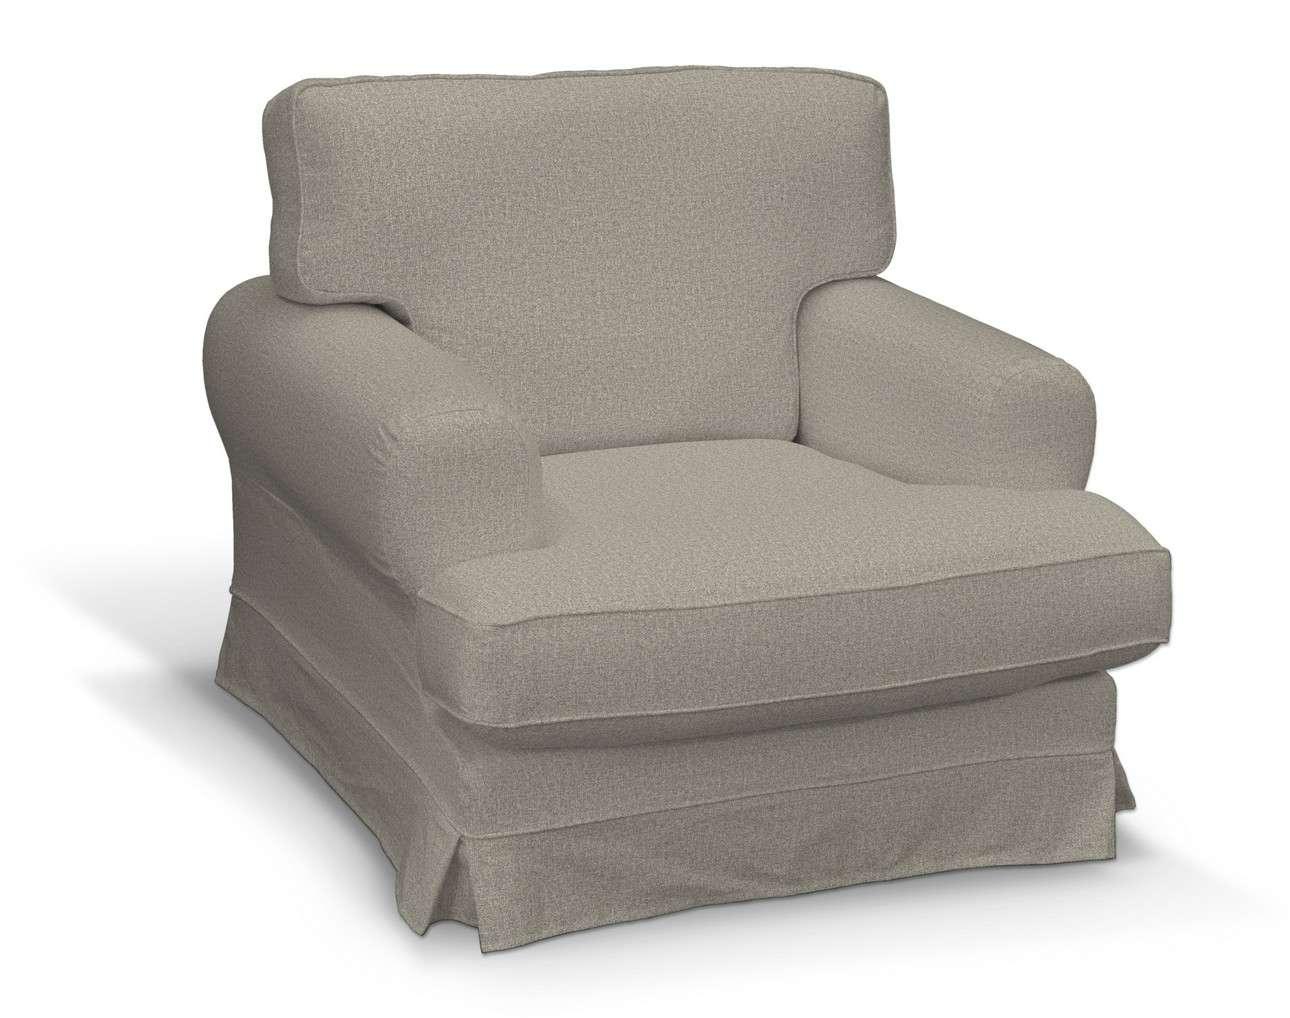 Pokrowiec na fotel Ekeskog w kolekcji Madrid, tkanina: 161-23